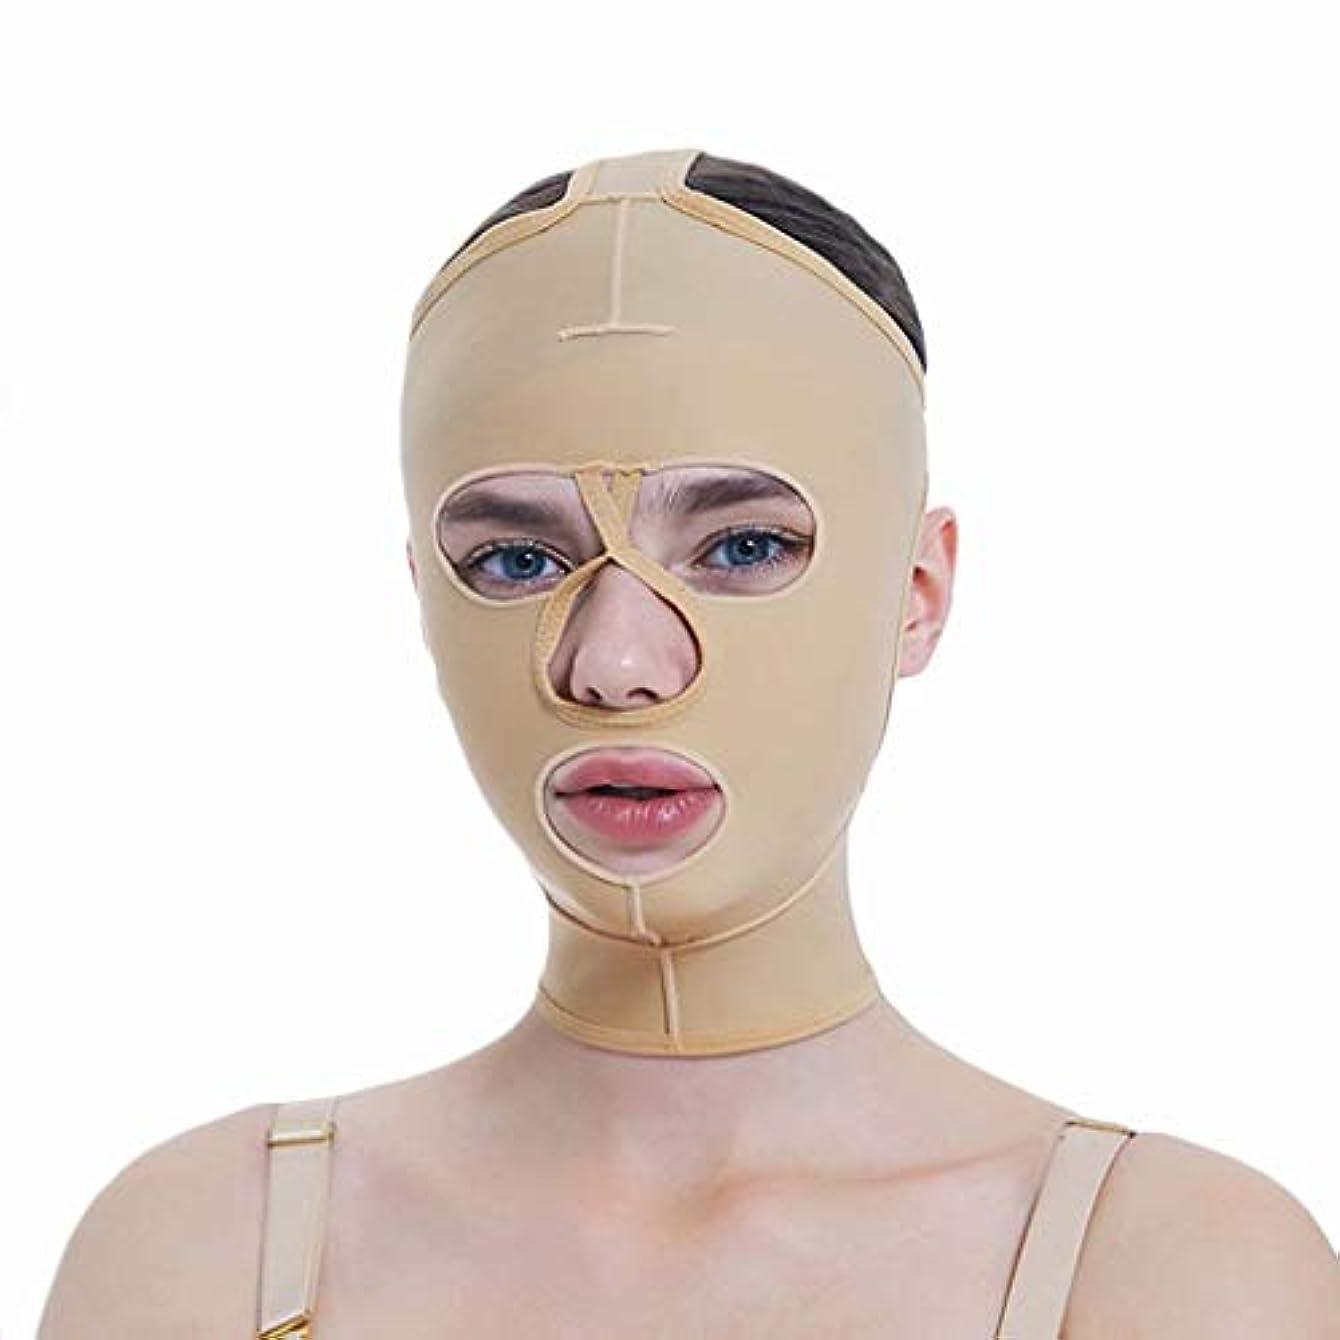 膜おかしい選出するフェイシャル減量マスク、フルカバレッジ包帯、フルフェイスリフティングマスク、フェイスマスク、快適で リフティングシェーピング(サイズ:S),ザ?